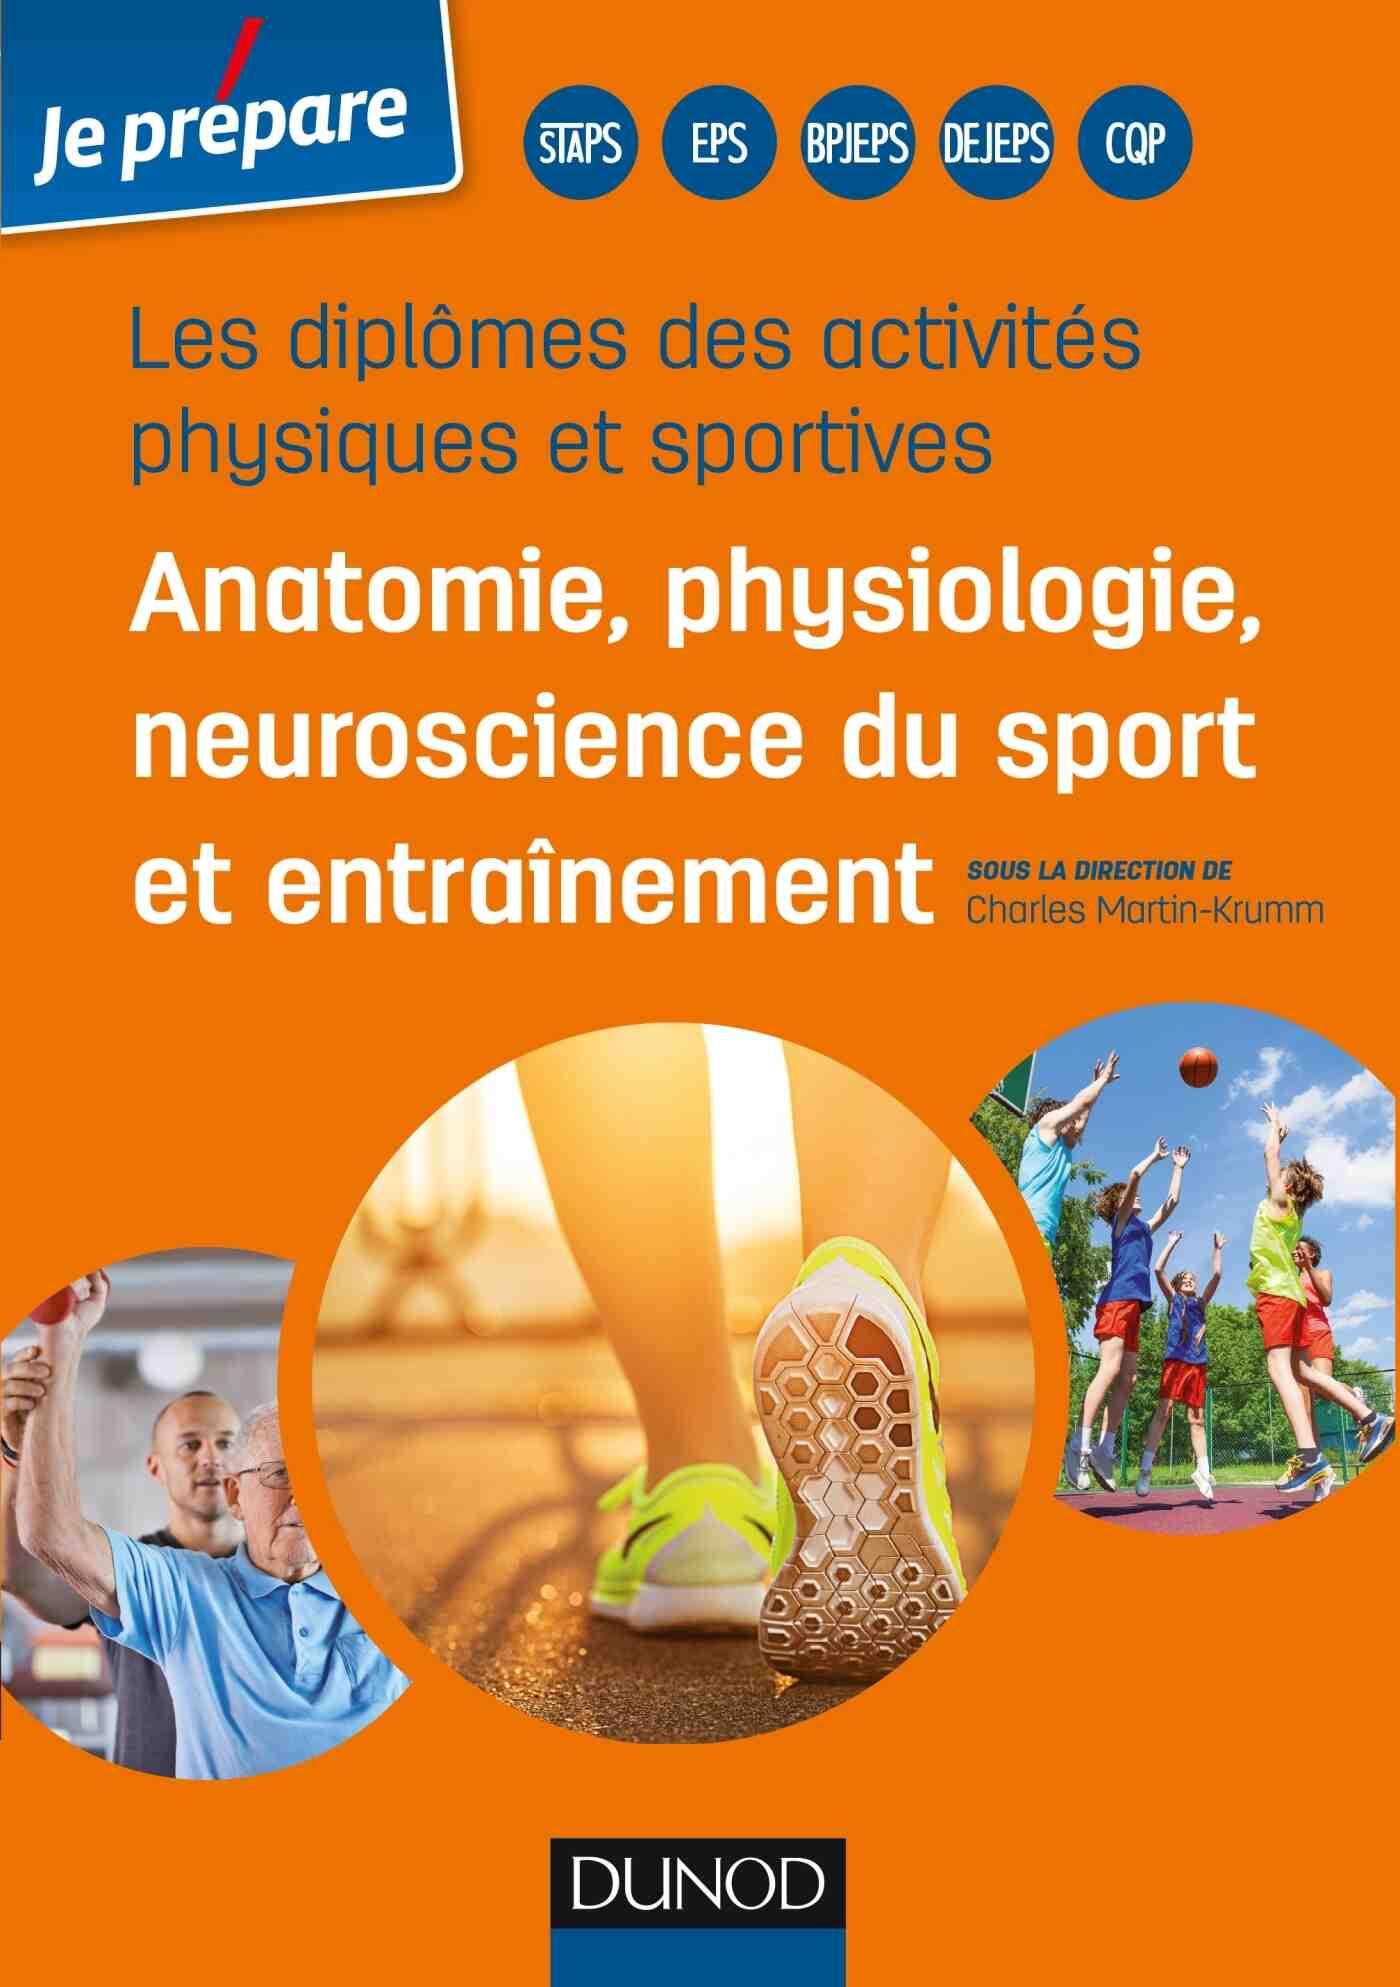 Quelle est l'importance de la physiologie?